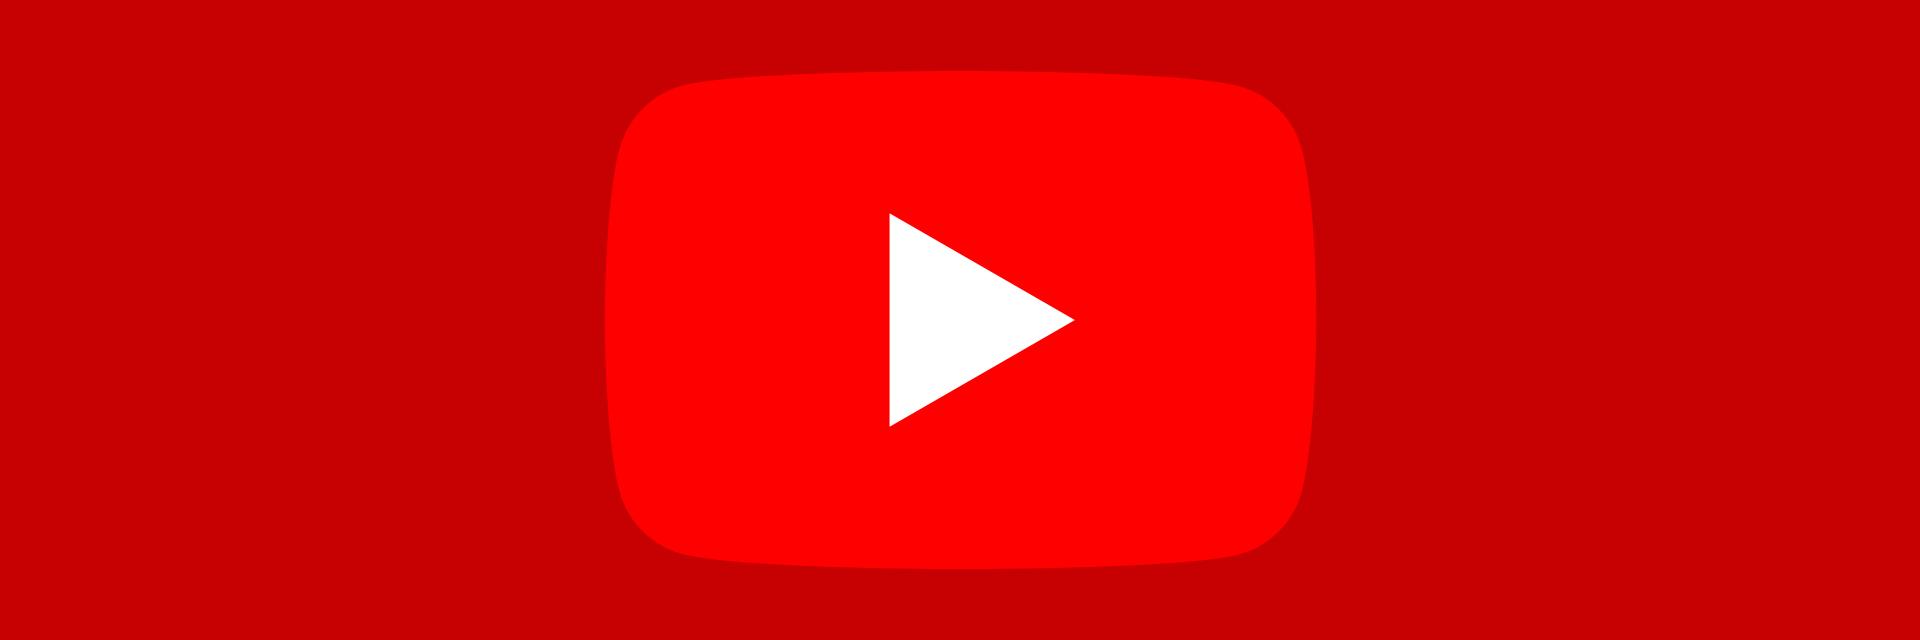 Youtube shorts что это такое когда выйдет ютуб шортс в россии как его найти и скачать а также сделать и загрузить короткое видео